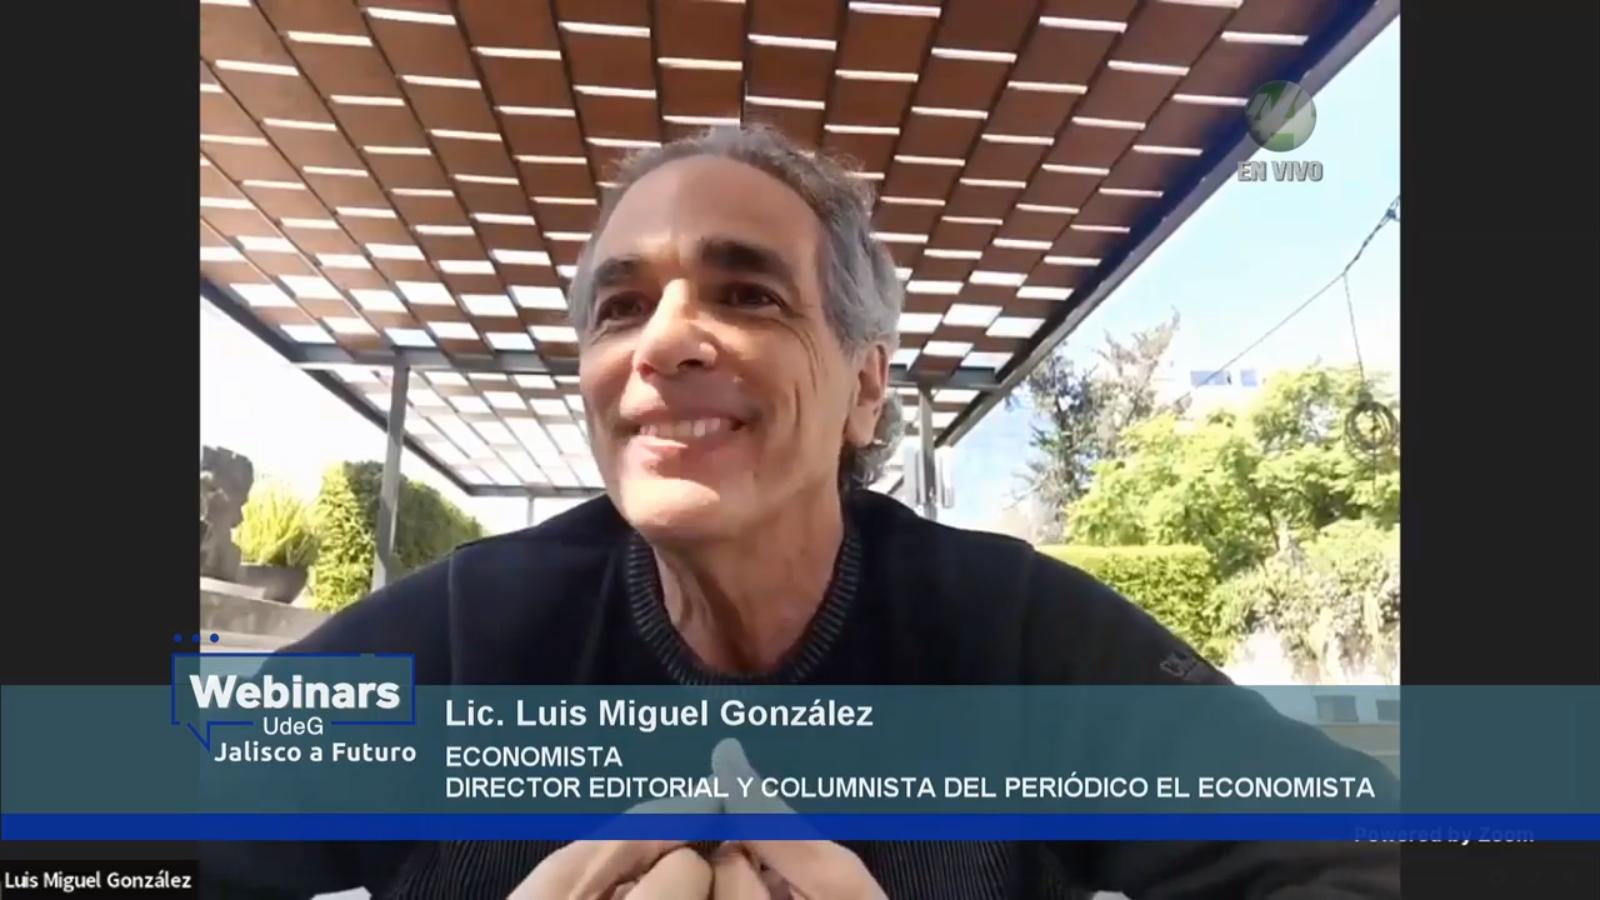 El Director editorial del diario El Economista, Luis Miguel González